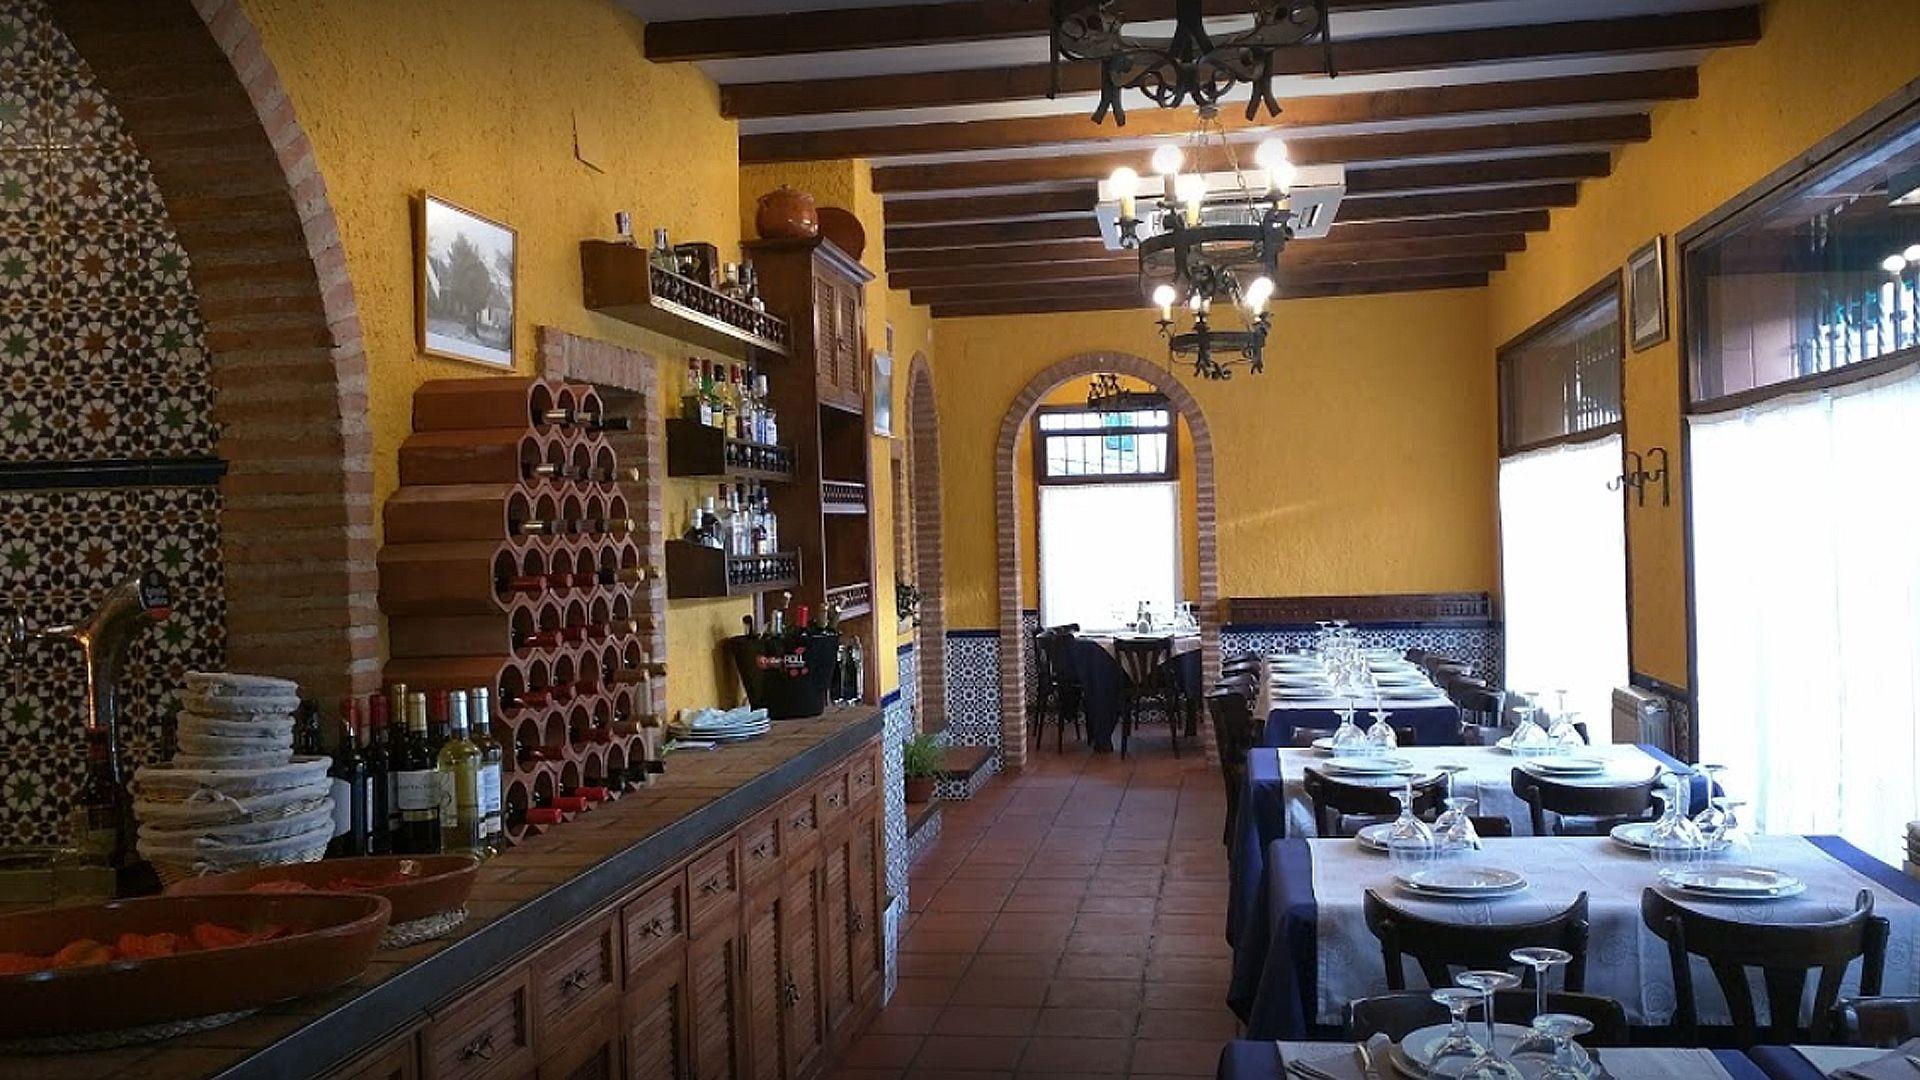 Restaurante con especialidad en asados en Bustarviejo